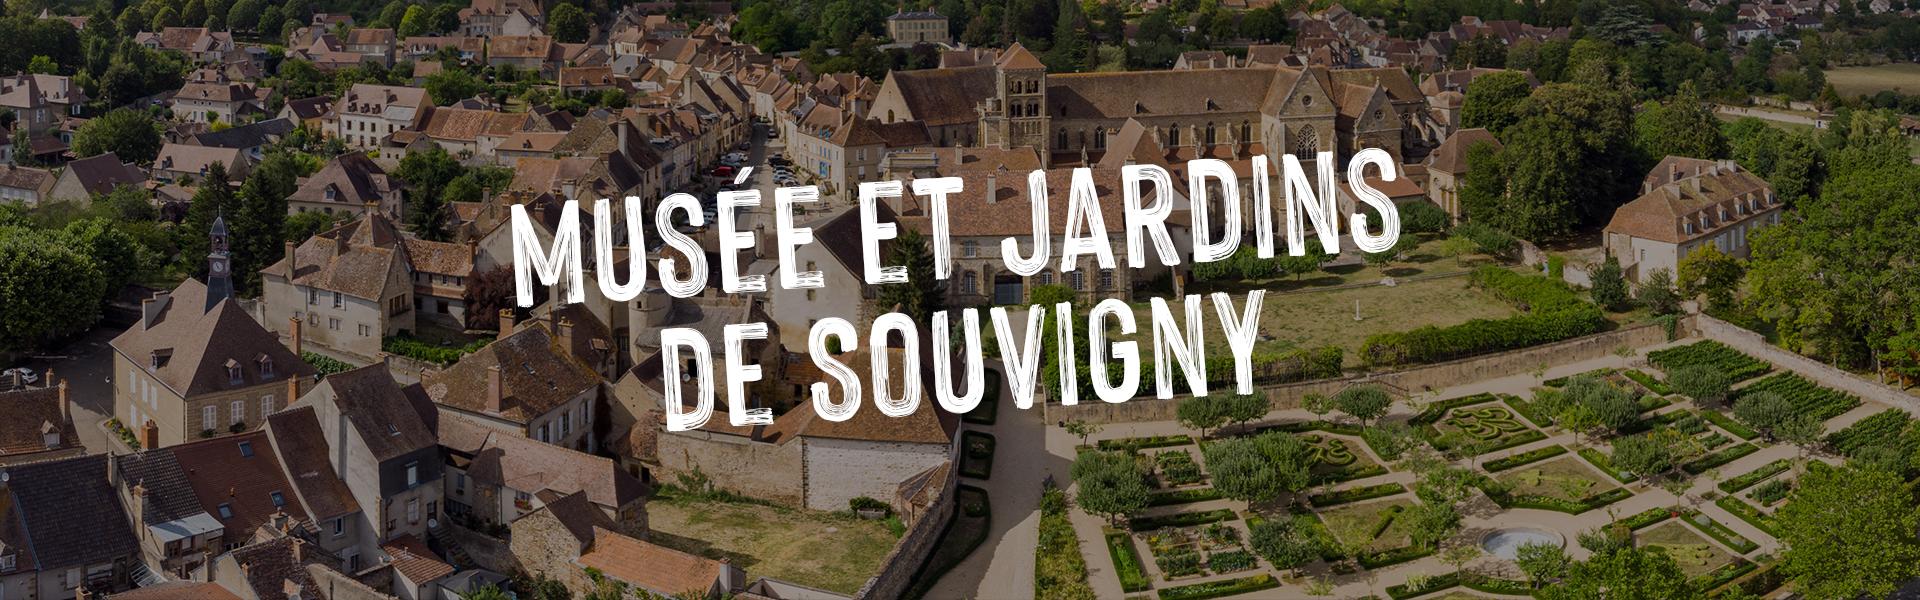 Musée et jardins de Souvigny